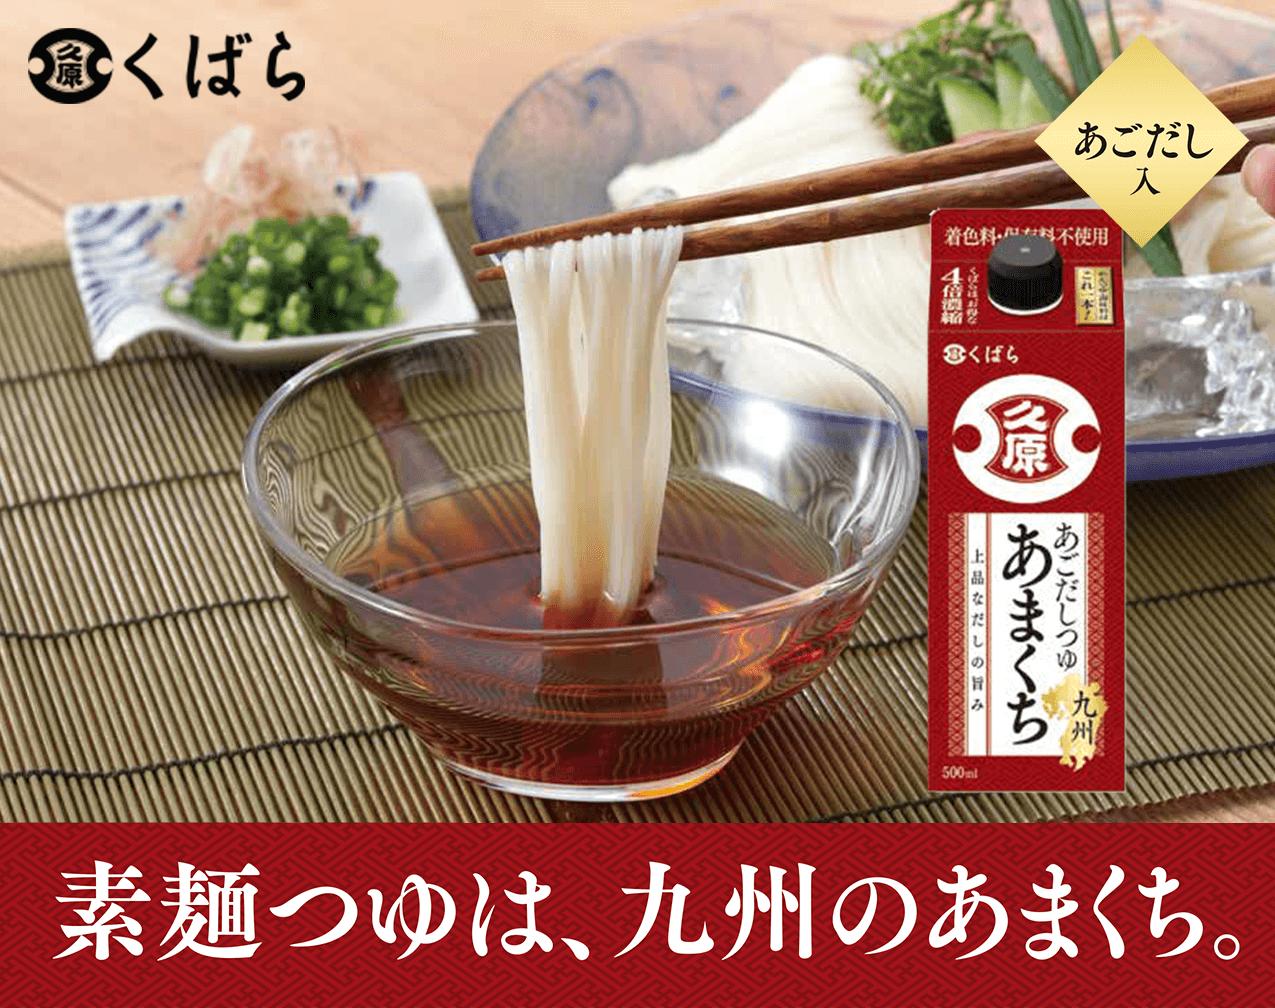 くばら「あごだしつゆ あまくち」素麺つゆは、九州のあまくち。